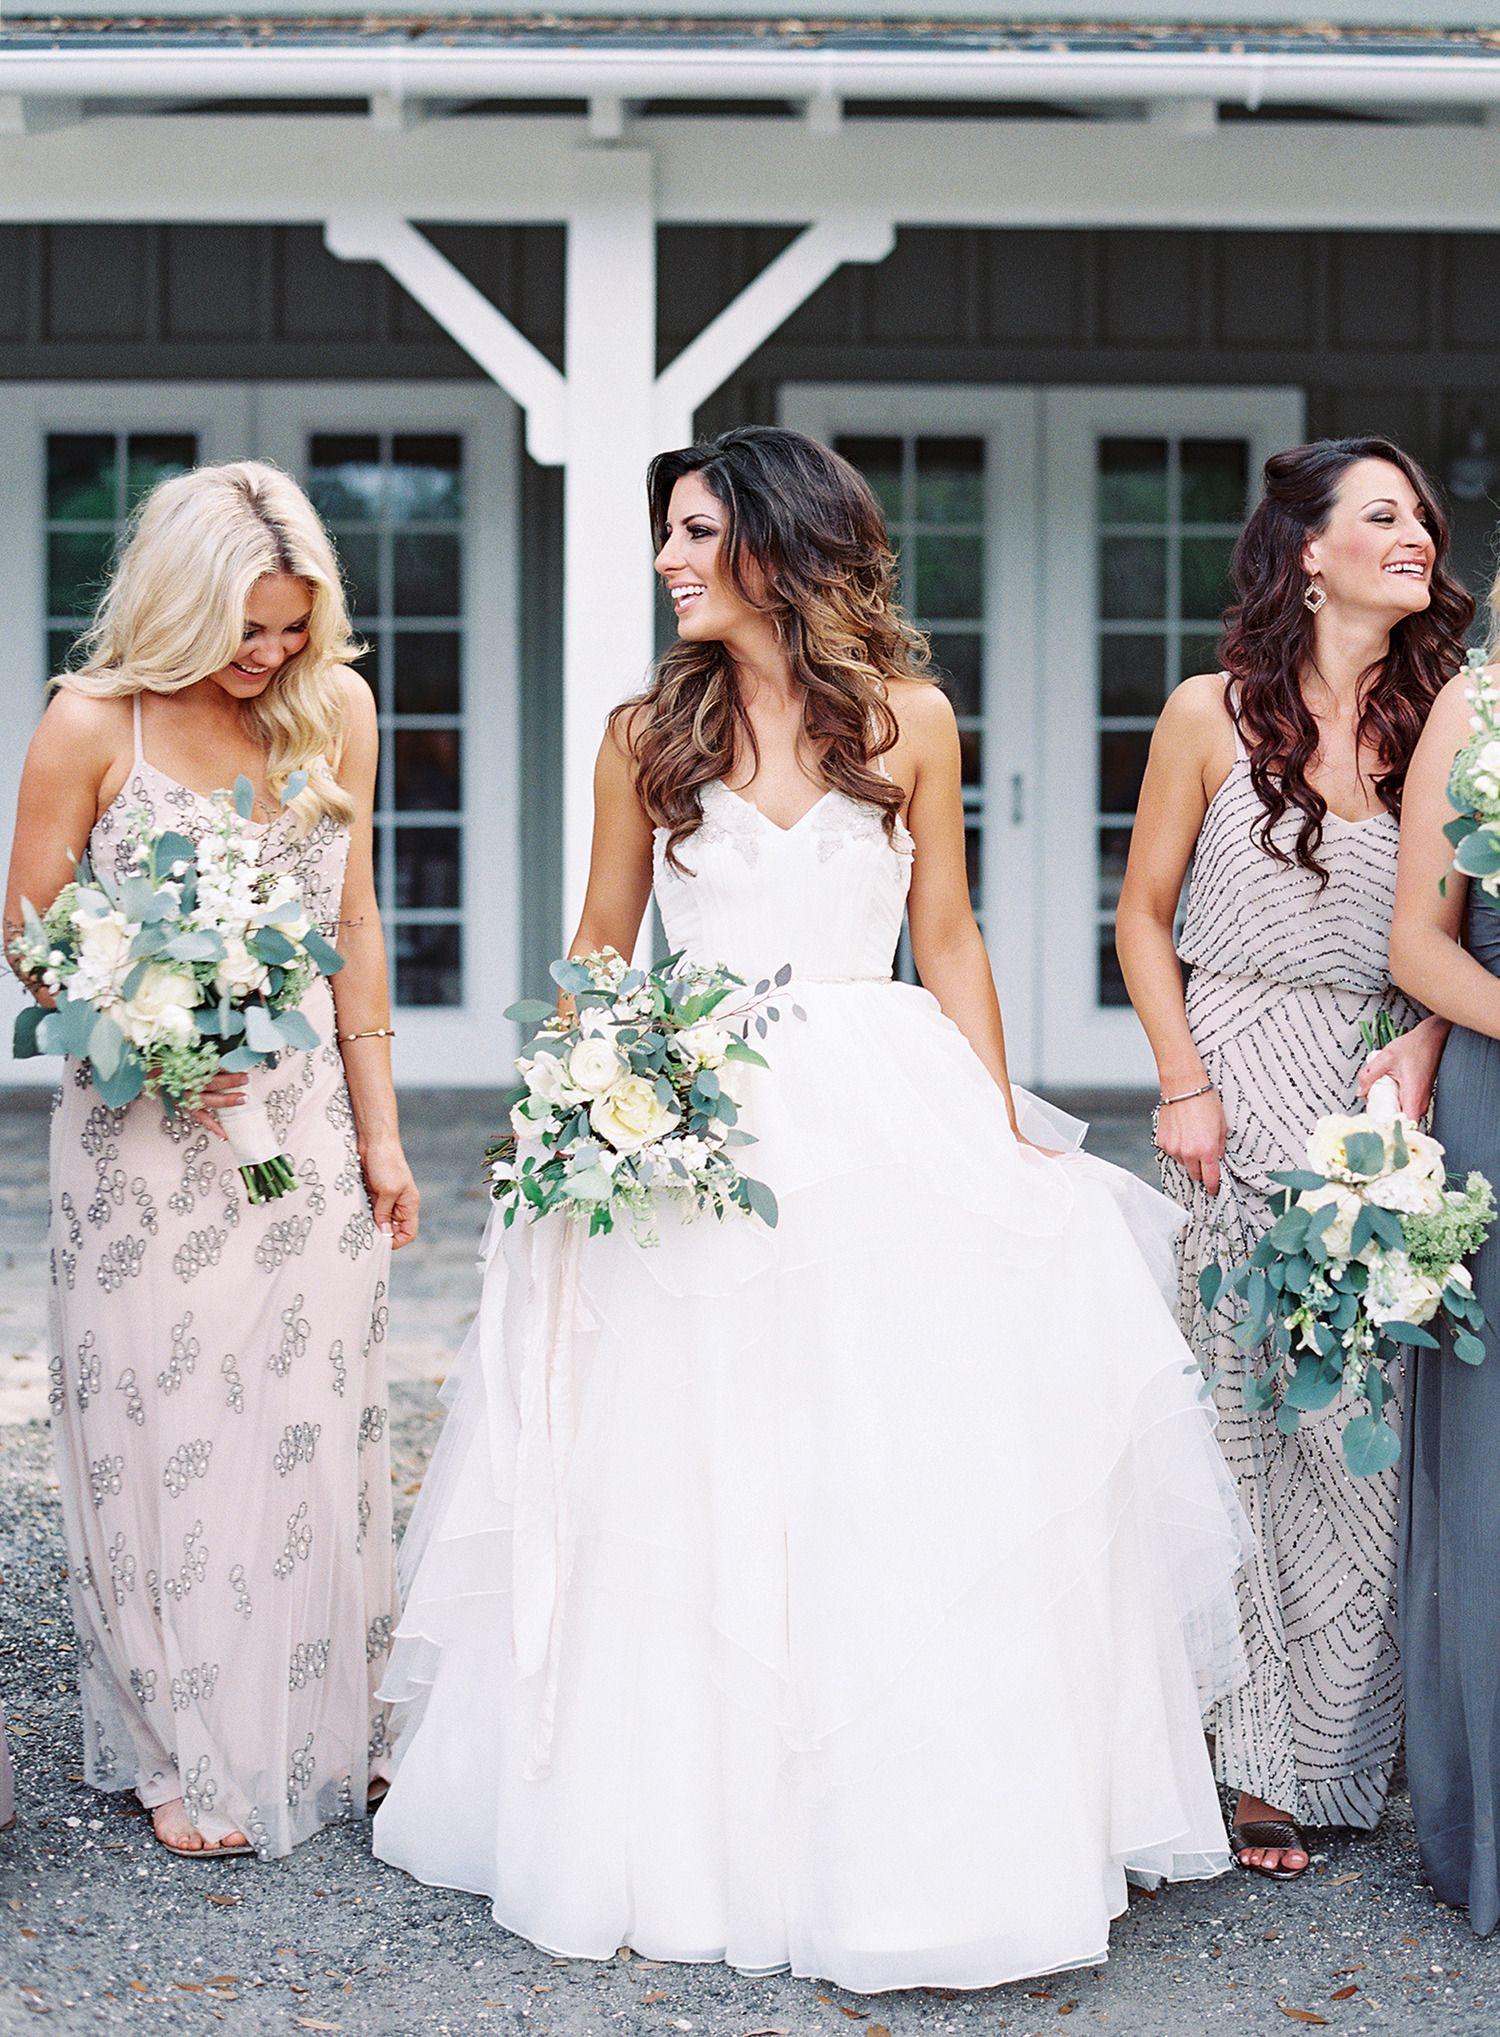 Rustic + Elegant Jacksonville Wedding | Damas, Boda y Boda marroquí